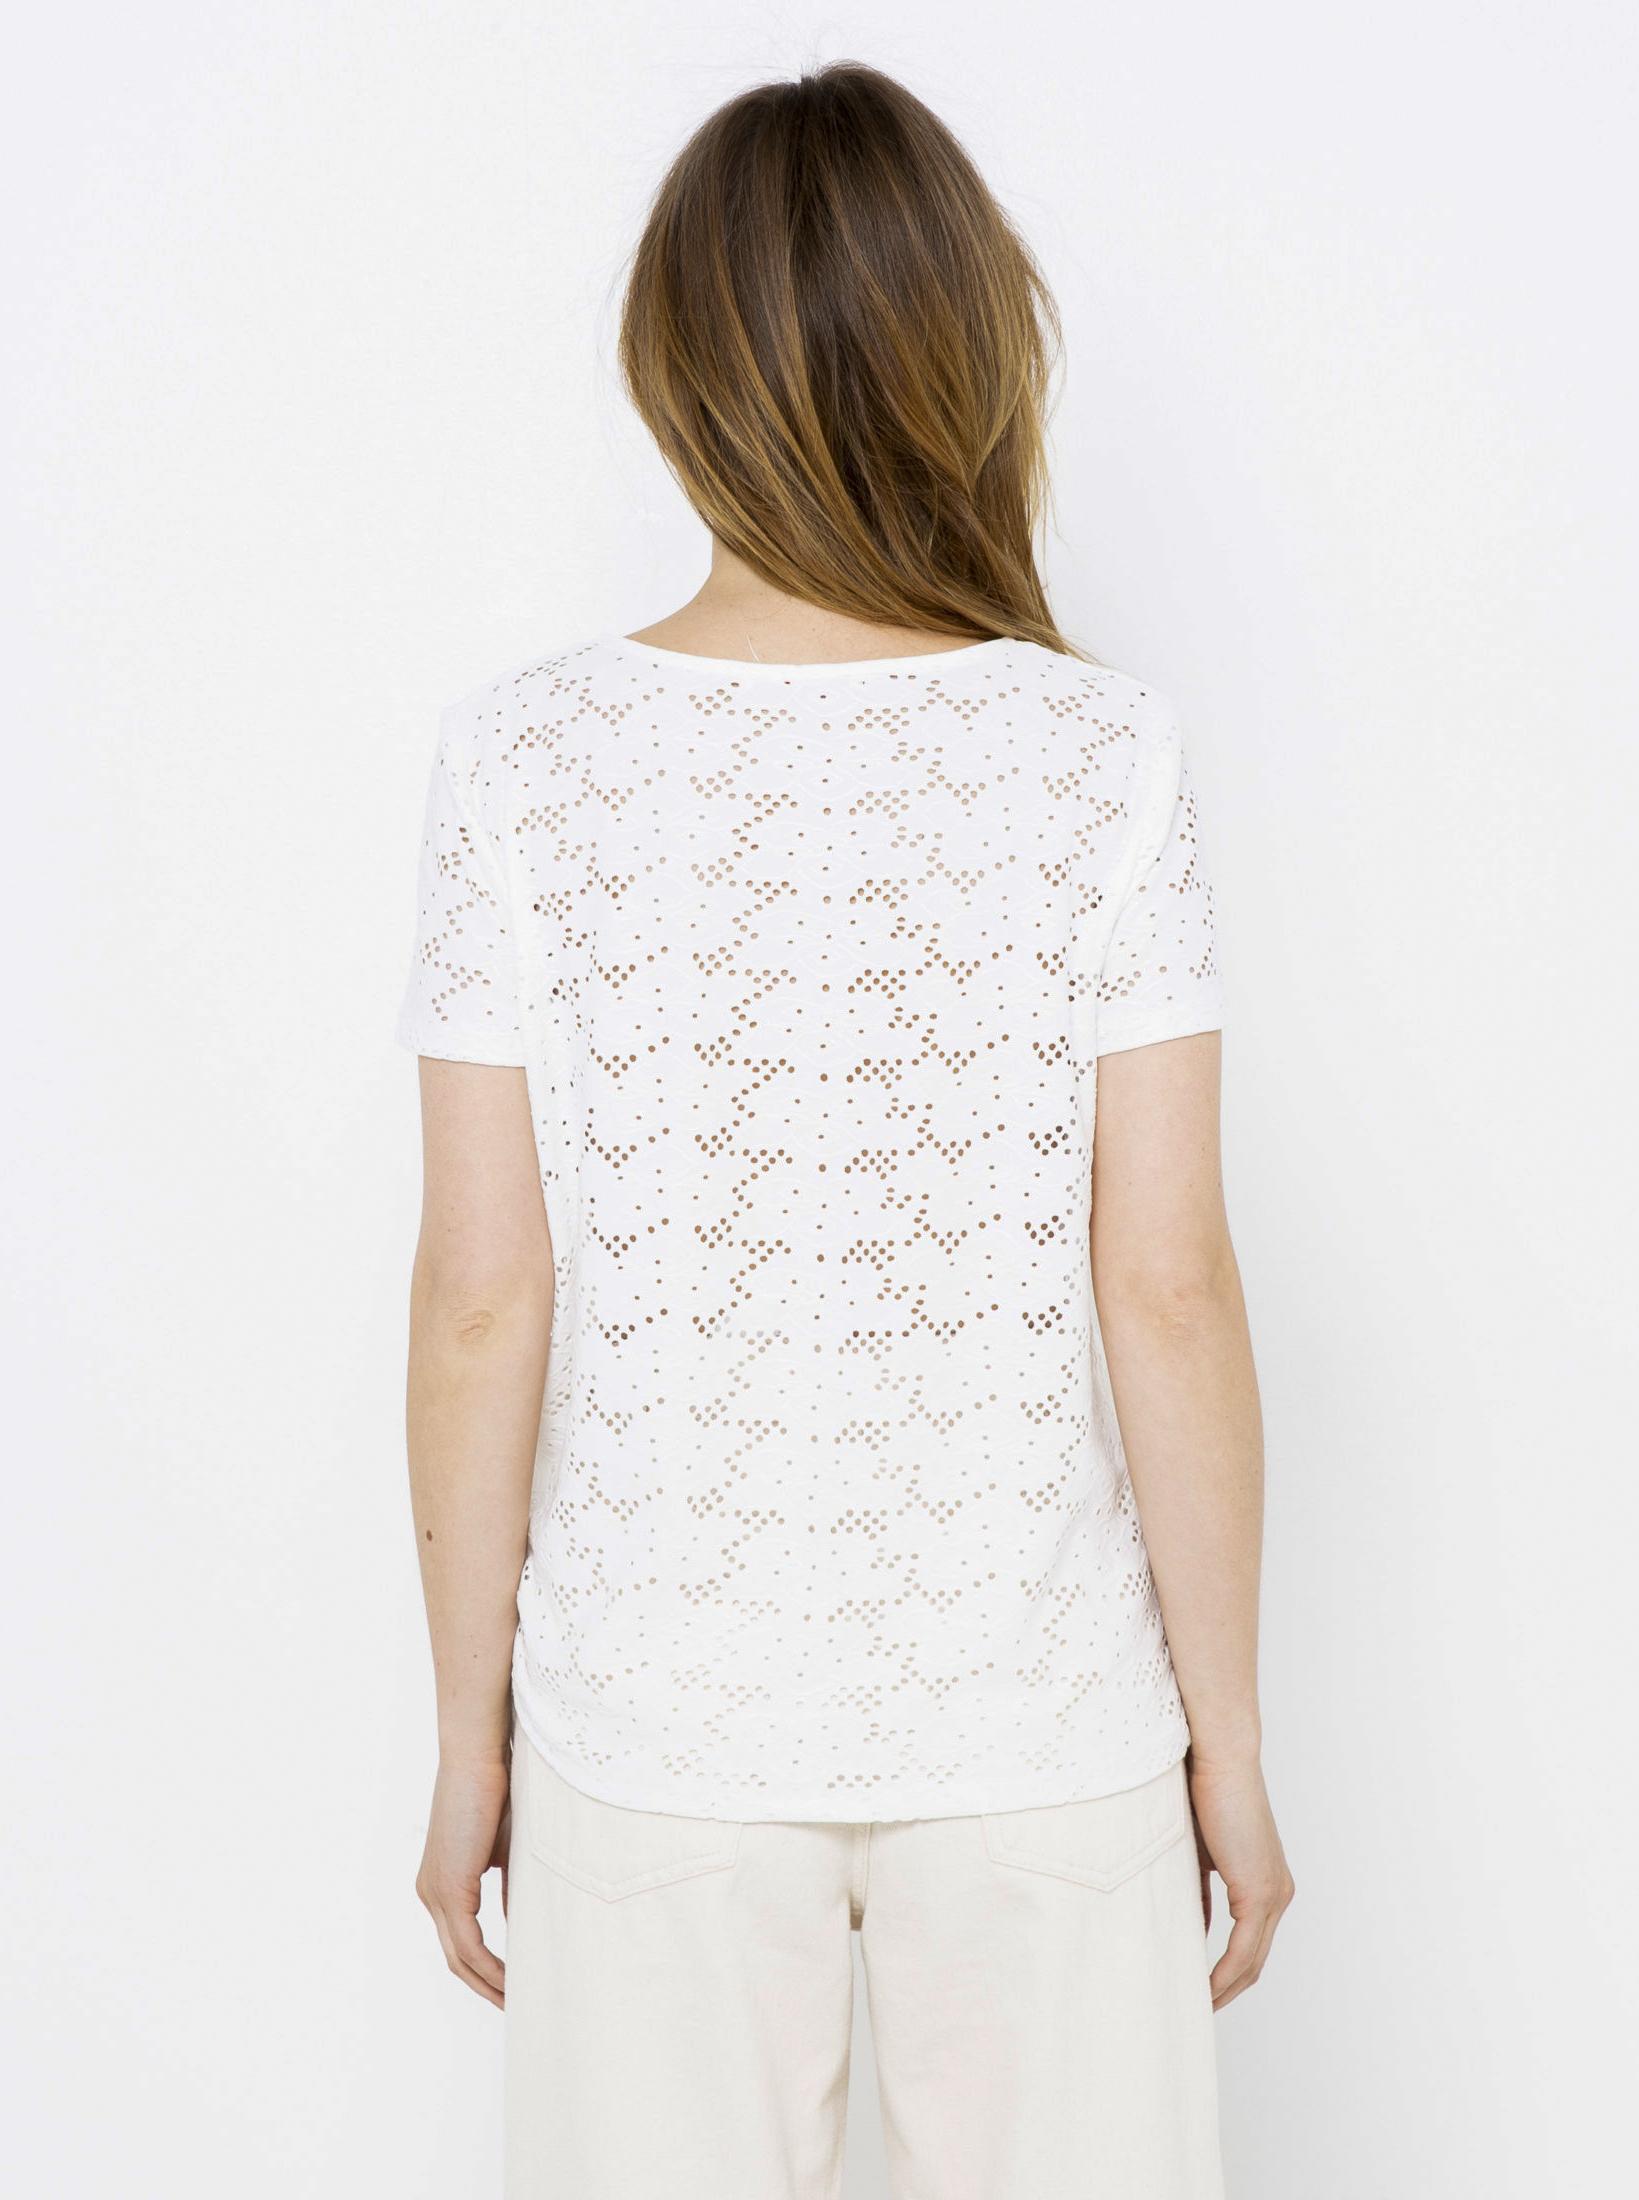 CAMAIEU Women's blouse white